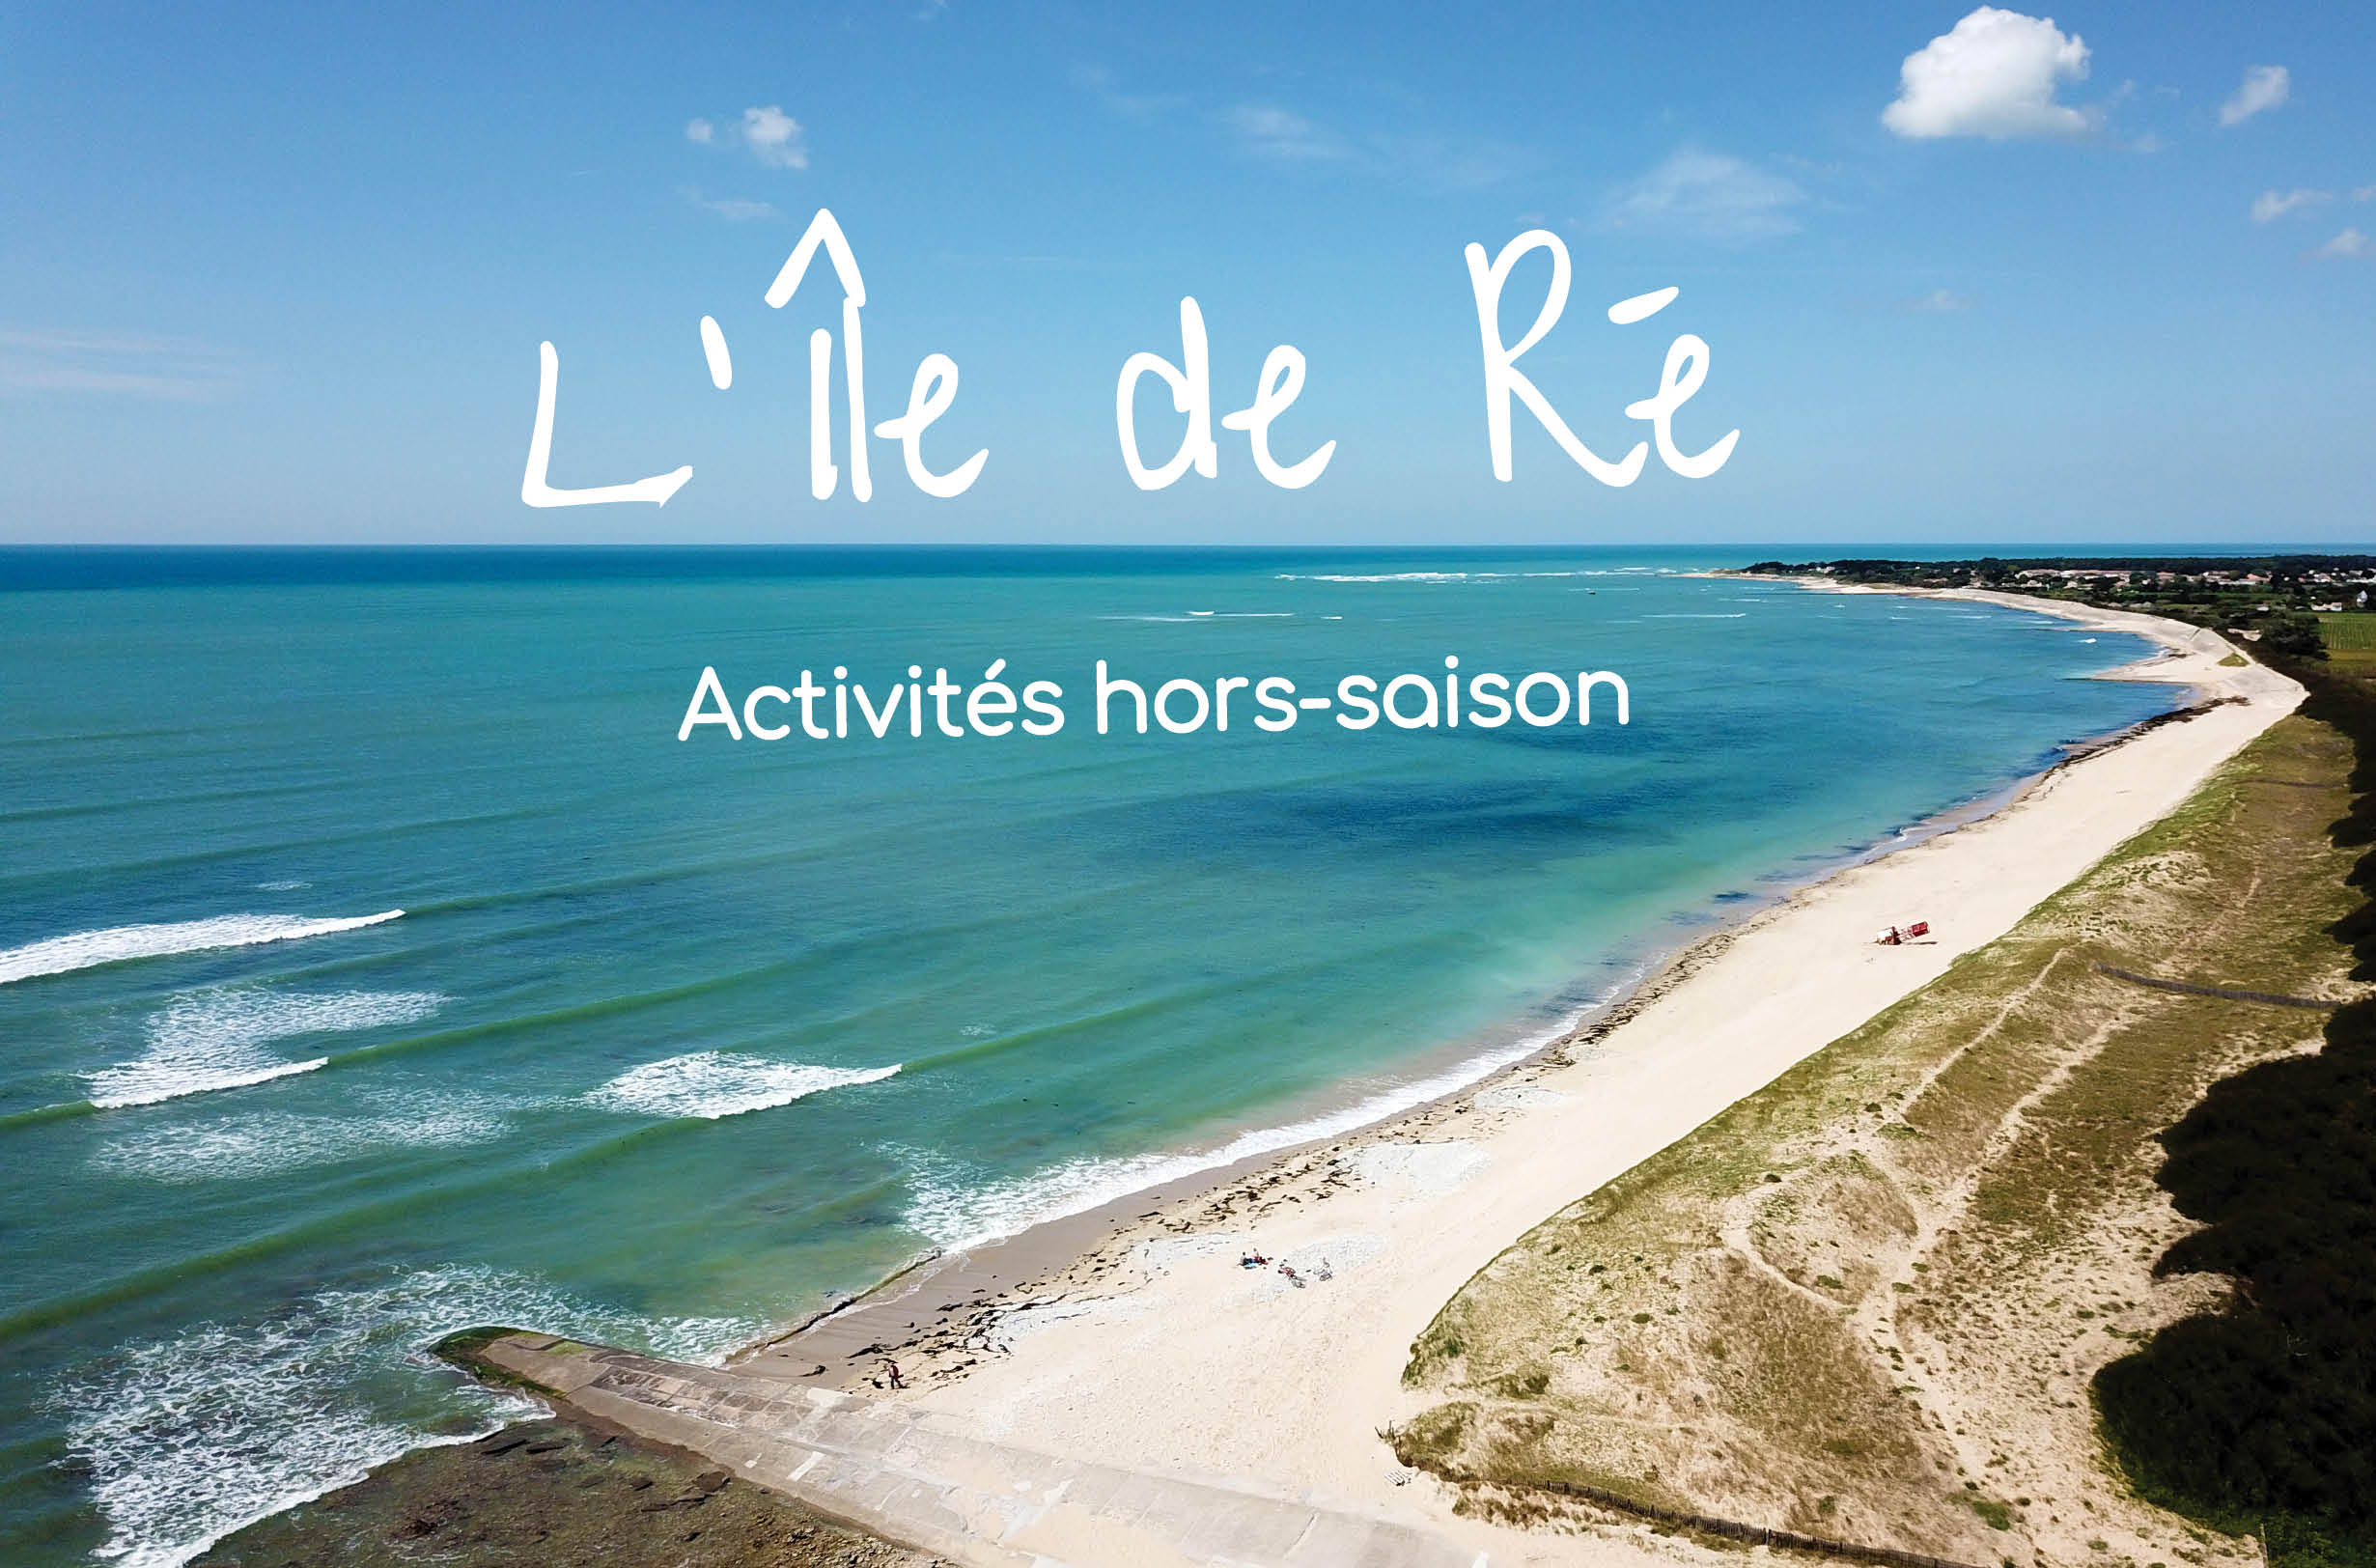 Activités hors saison sur l'île de Ré